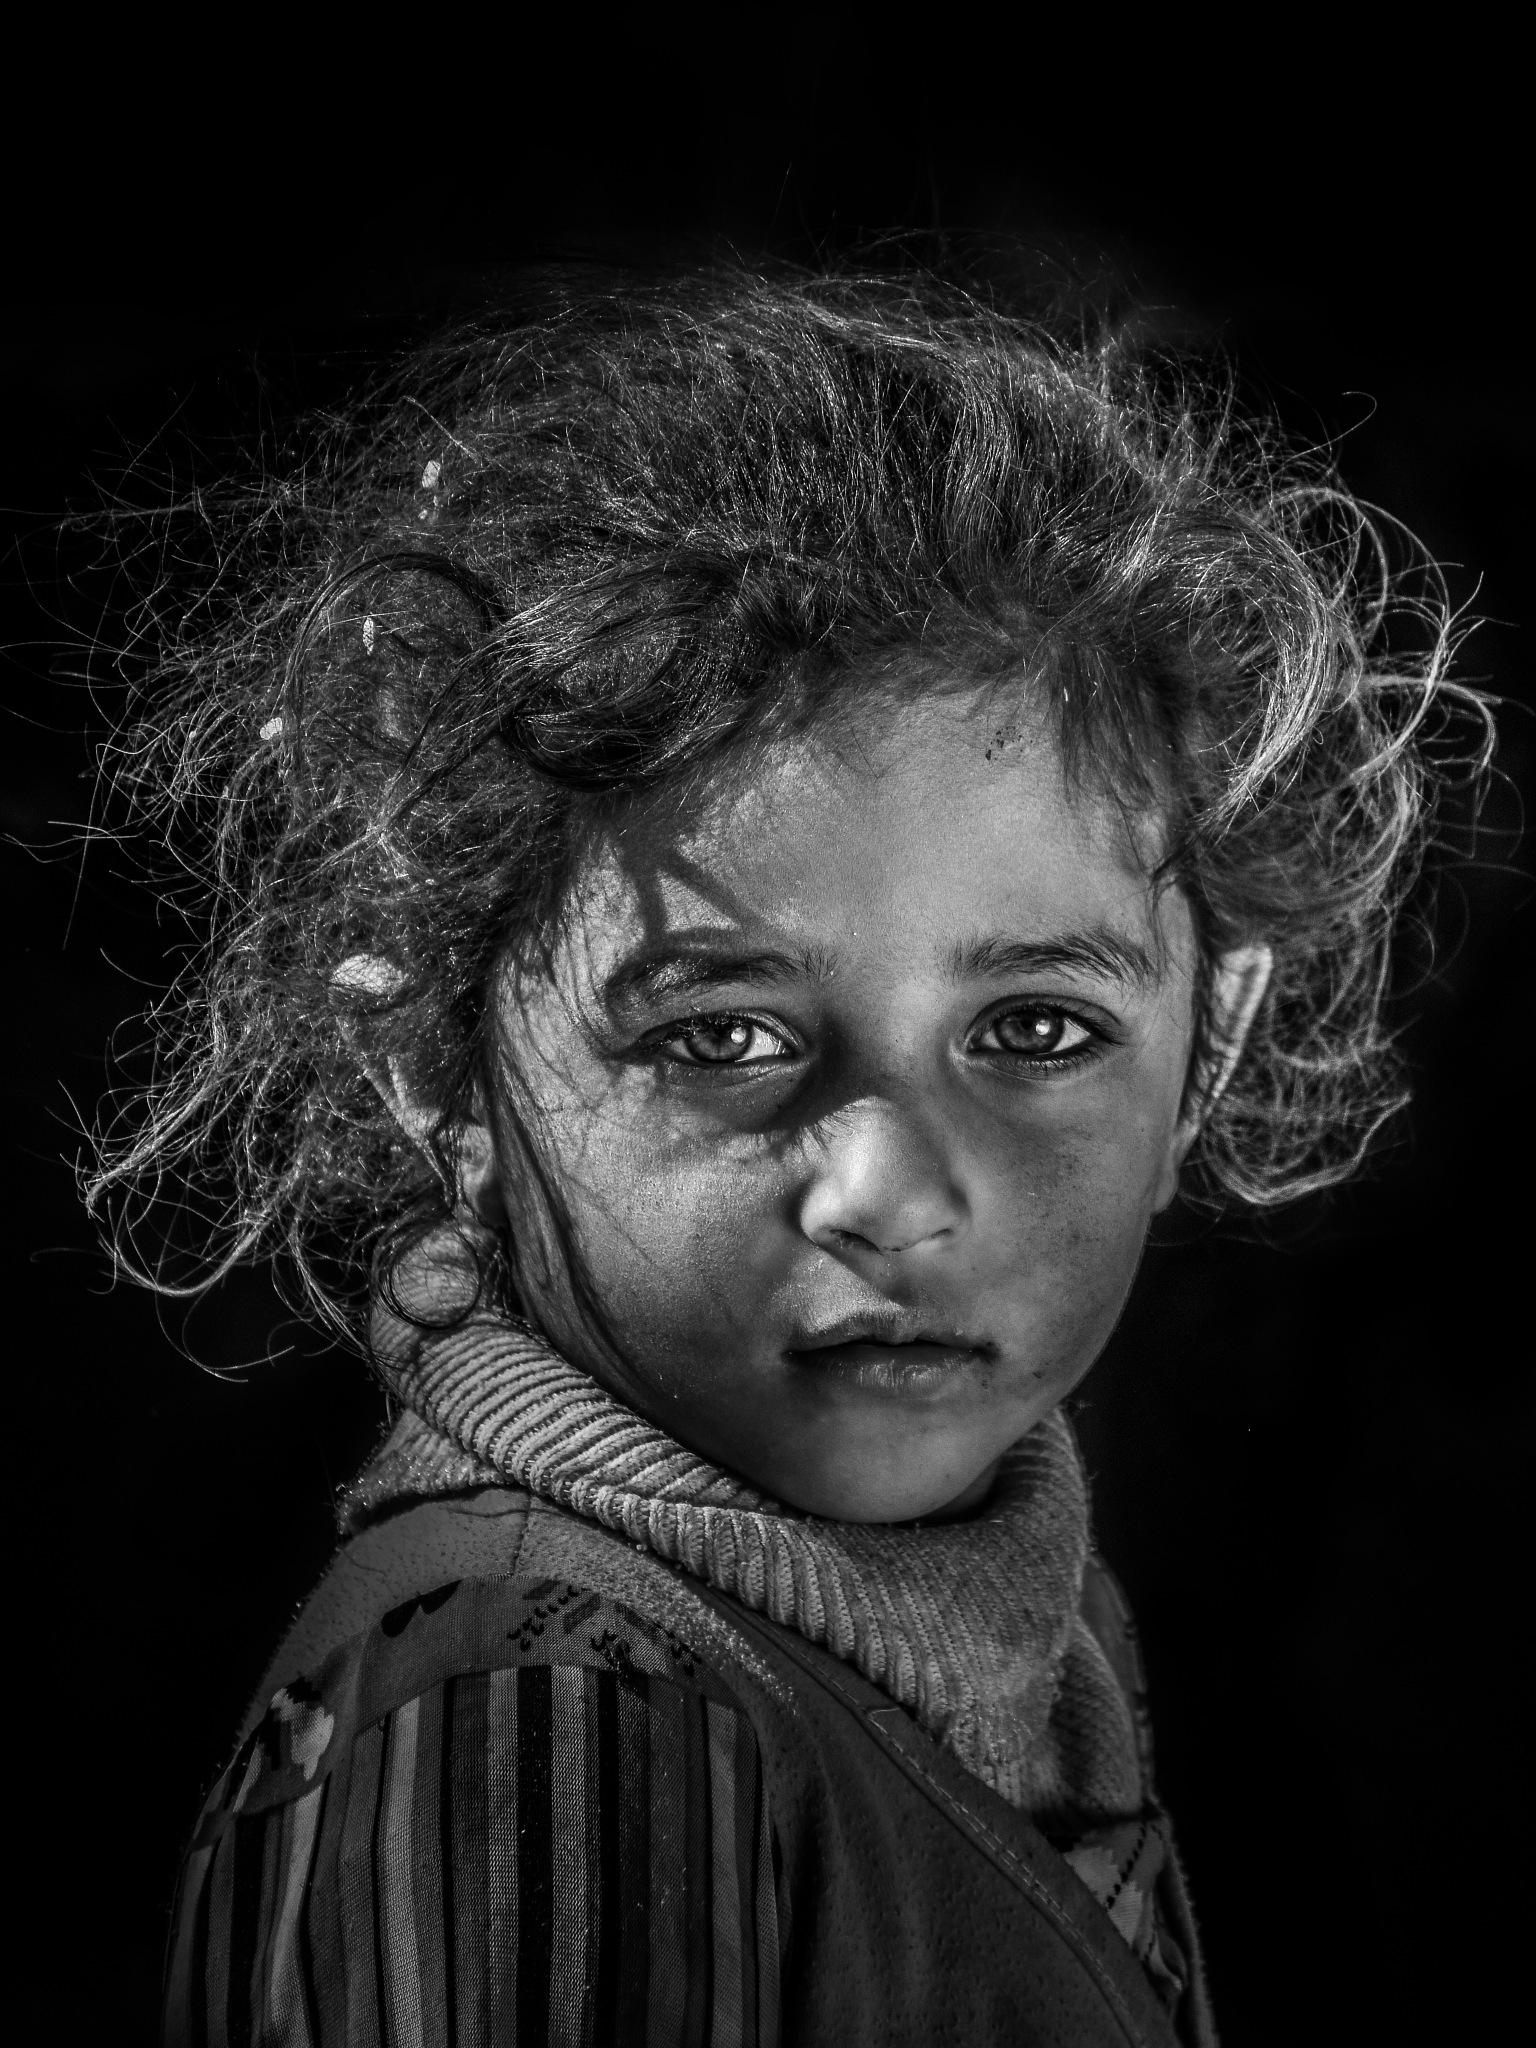 The looks of anger by علي رحيم العسكري/Ali Rahim